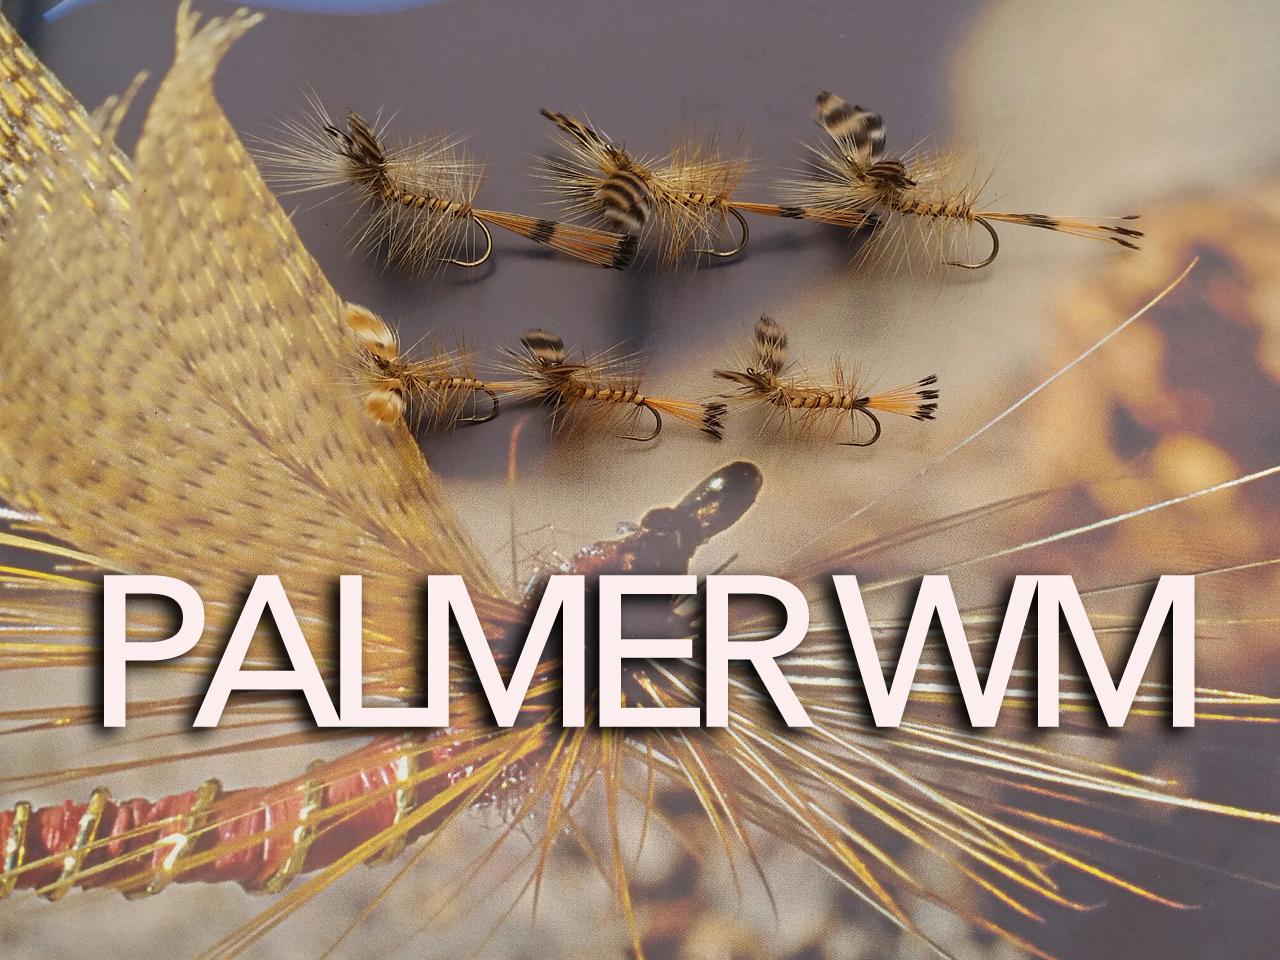 palmerwz